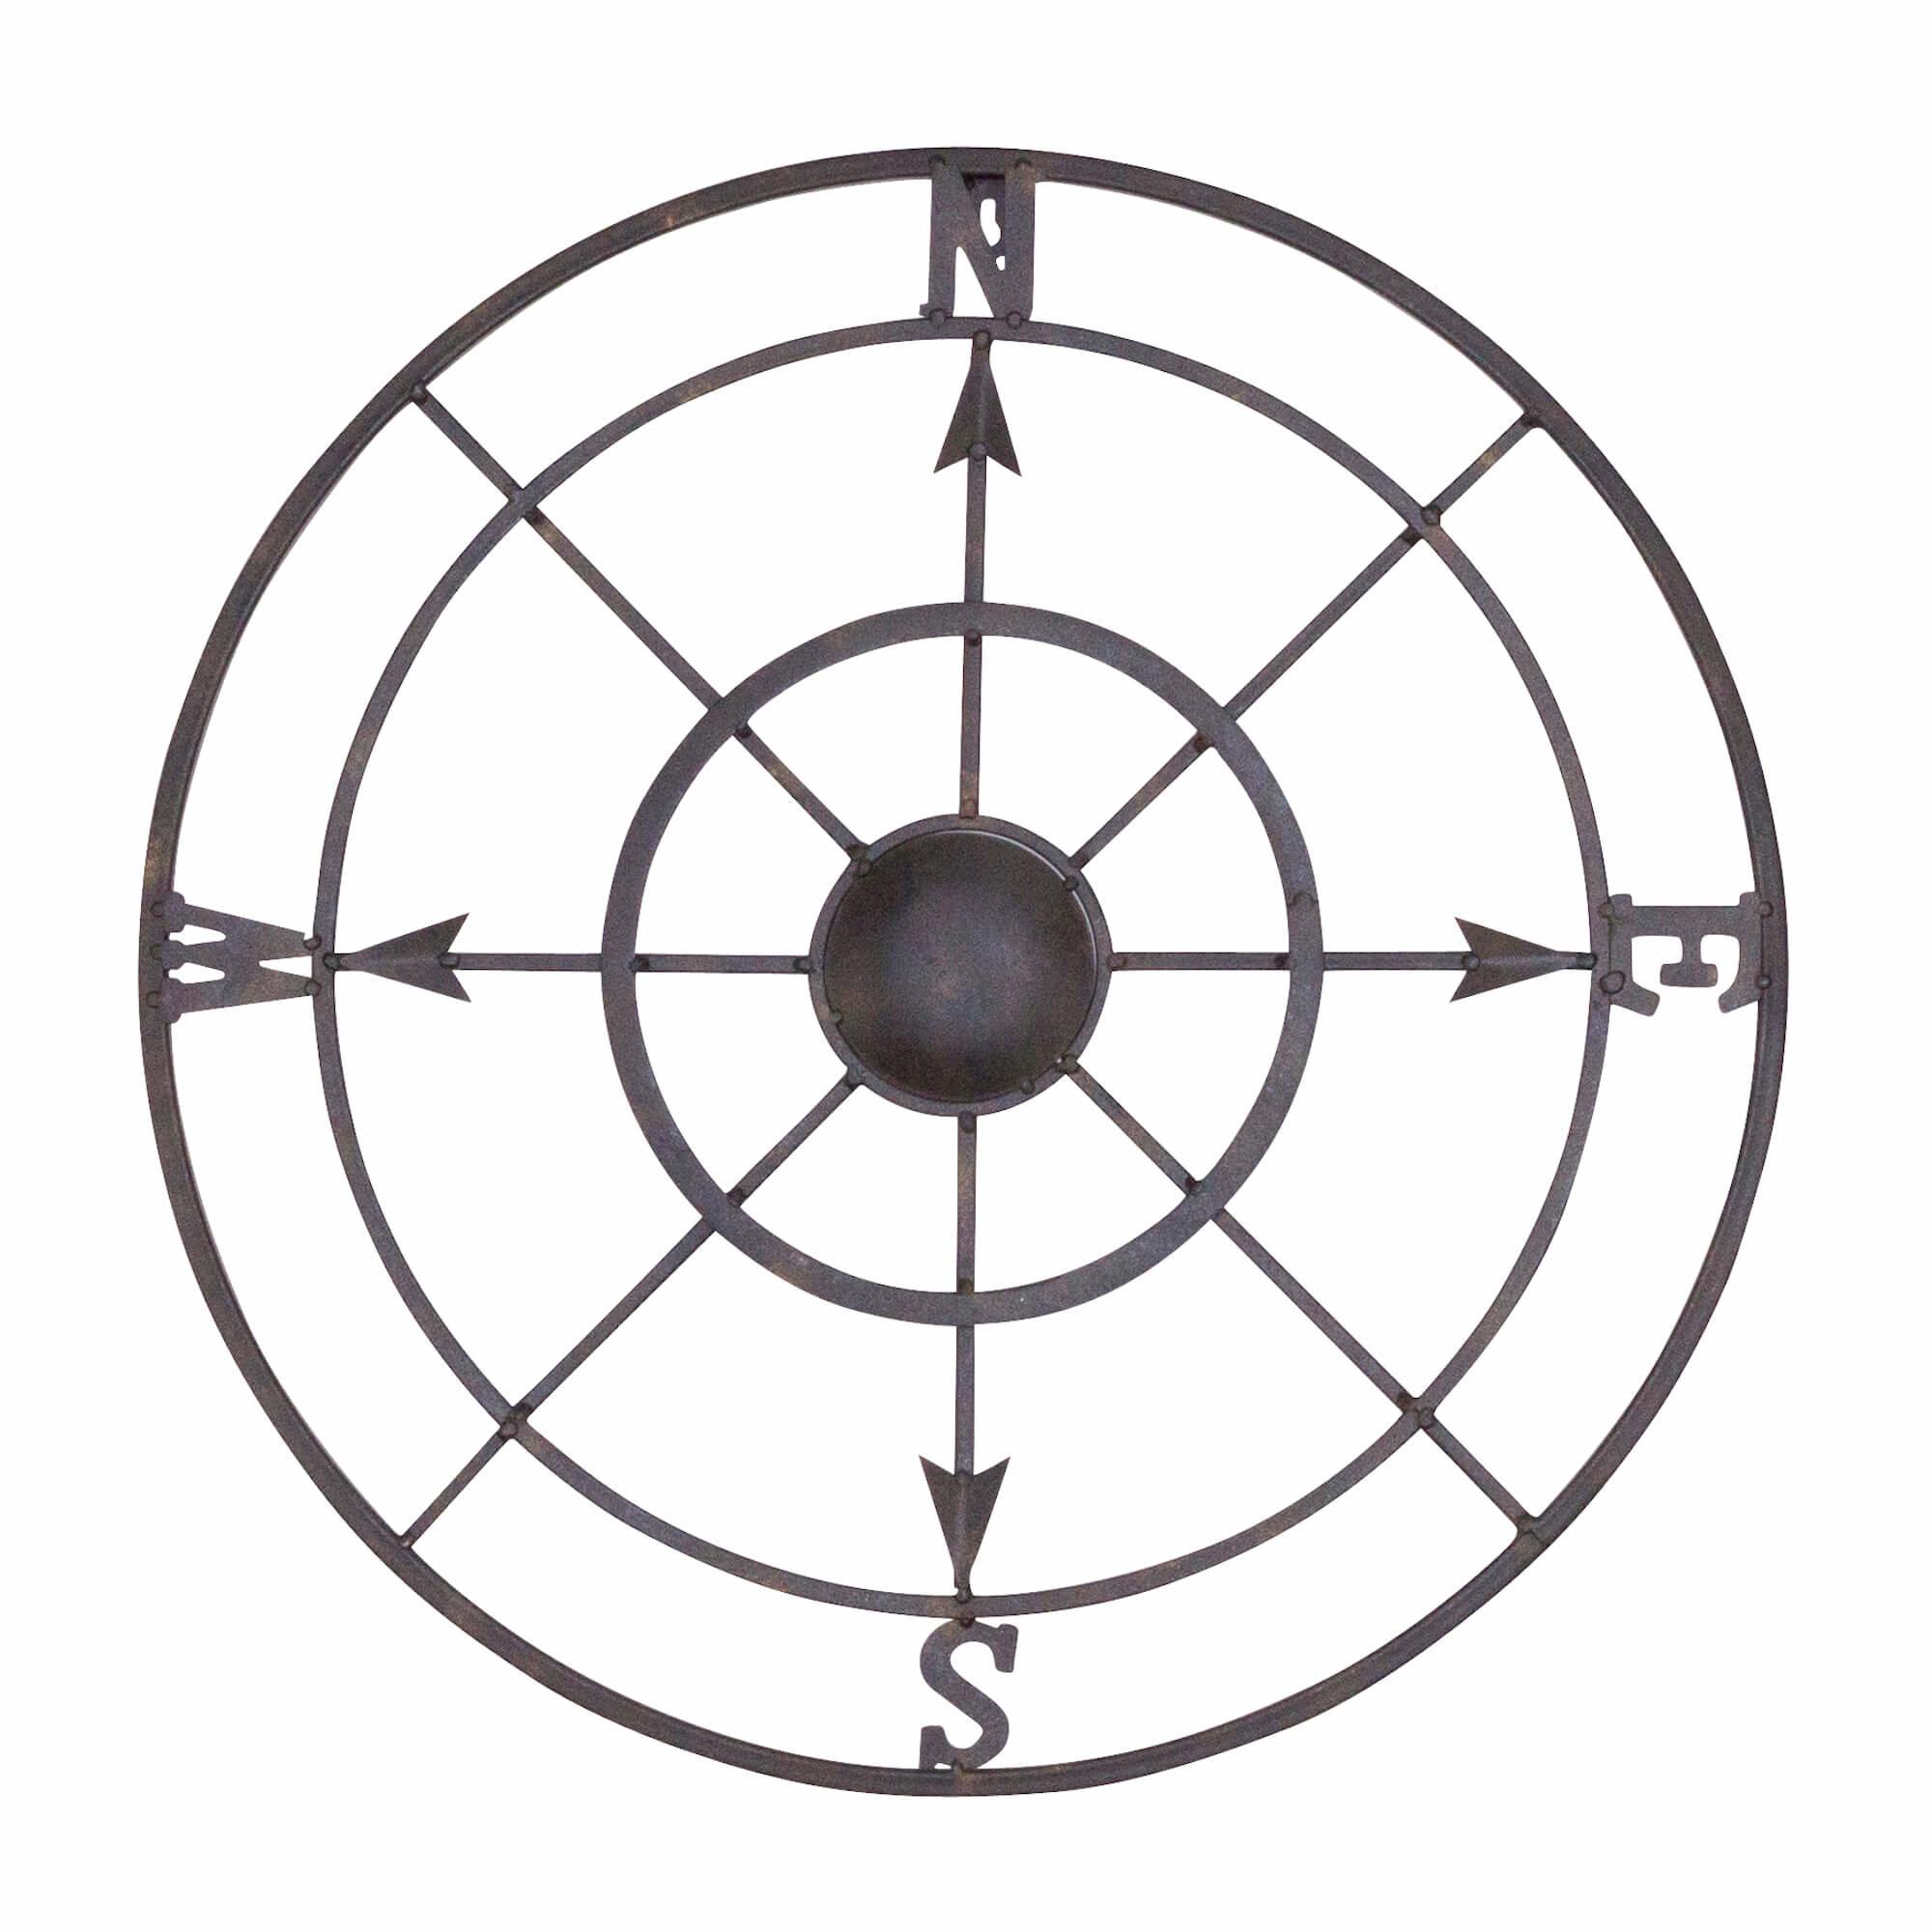 Compass Rose Wall Art | Wayfair Regarding Round Compass Wall Decor (View 12 of 30)